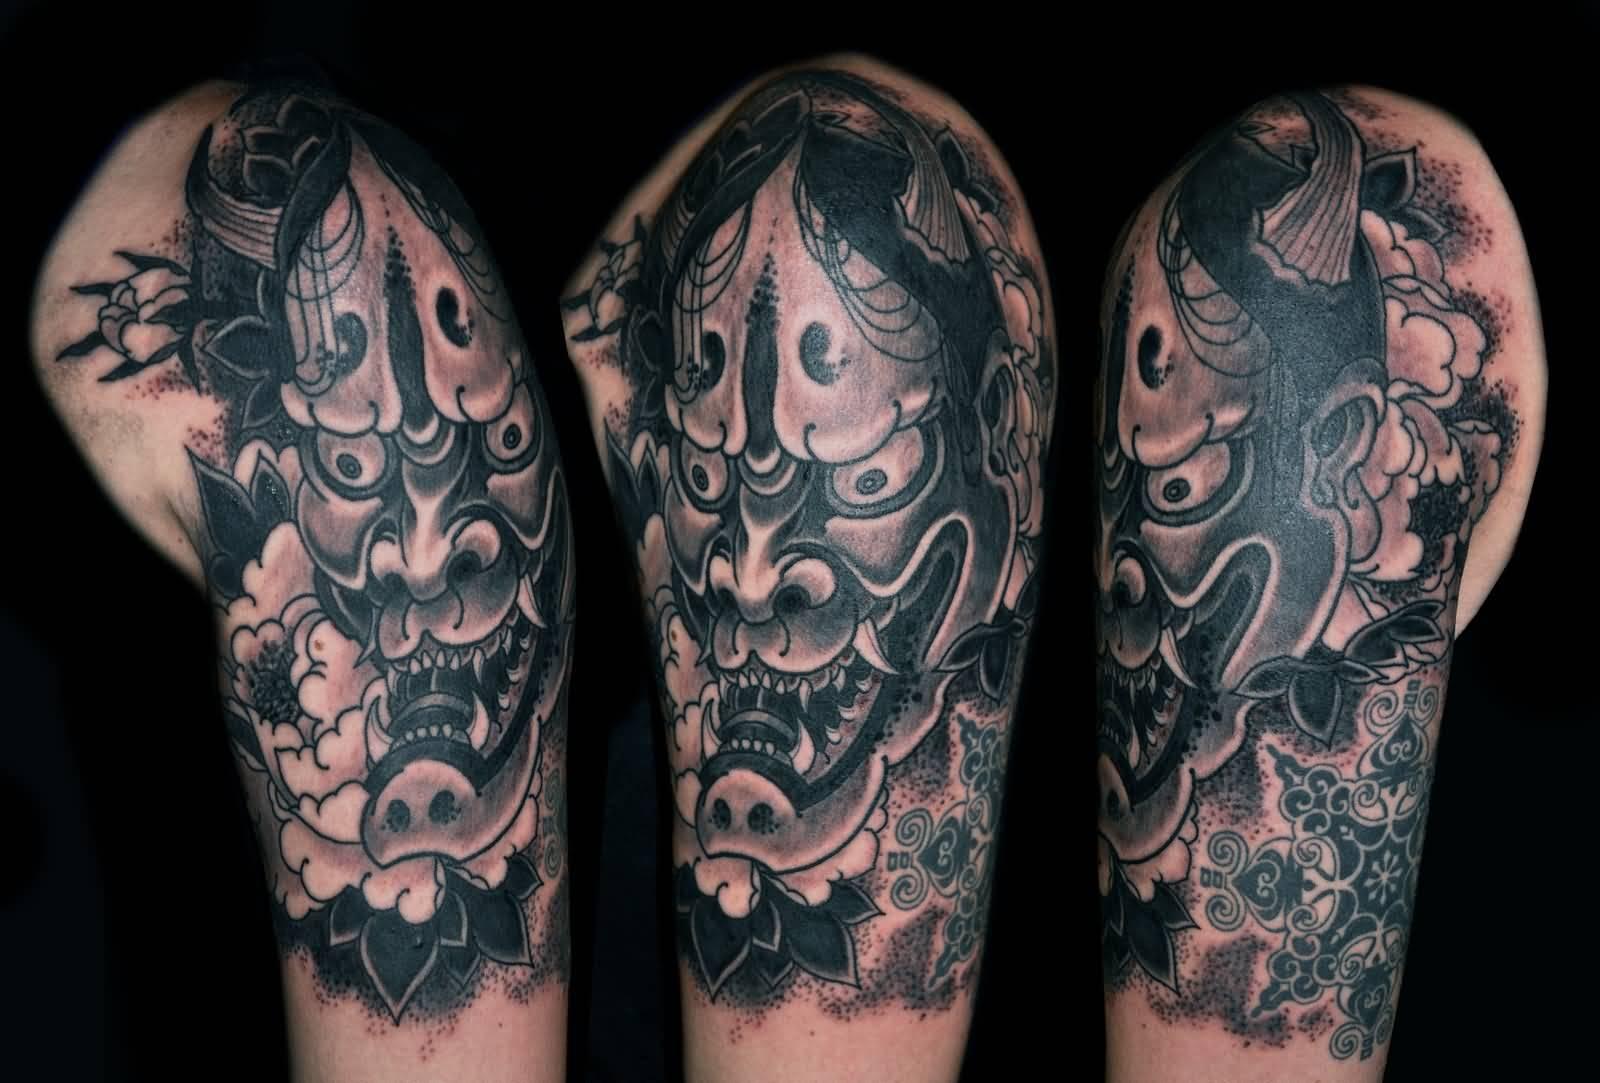 e84c1fb74af99 Black And Grey Hannya Mask Tattoo On Left Shoulder